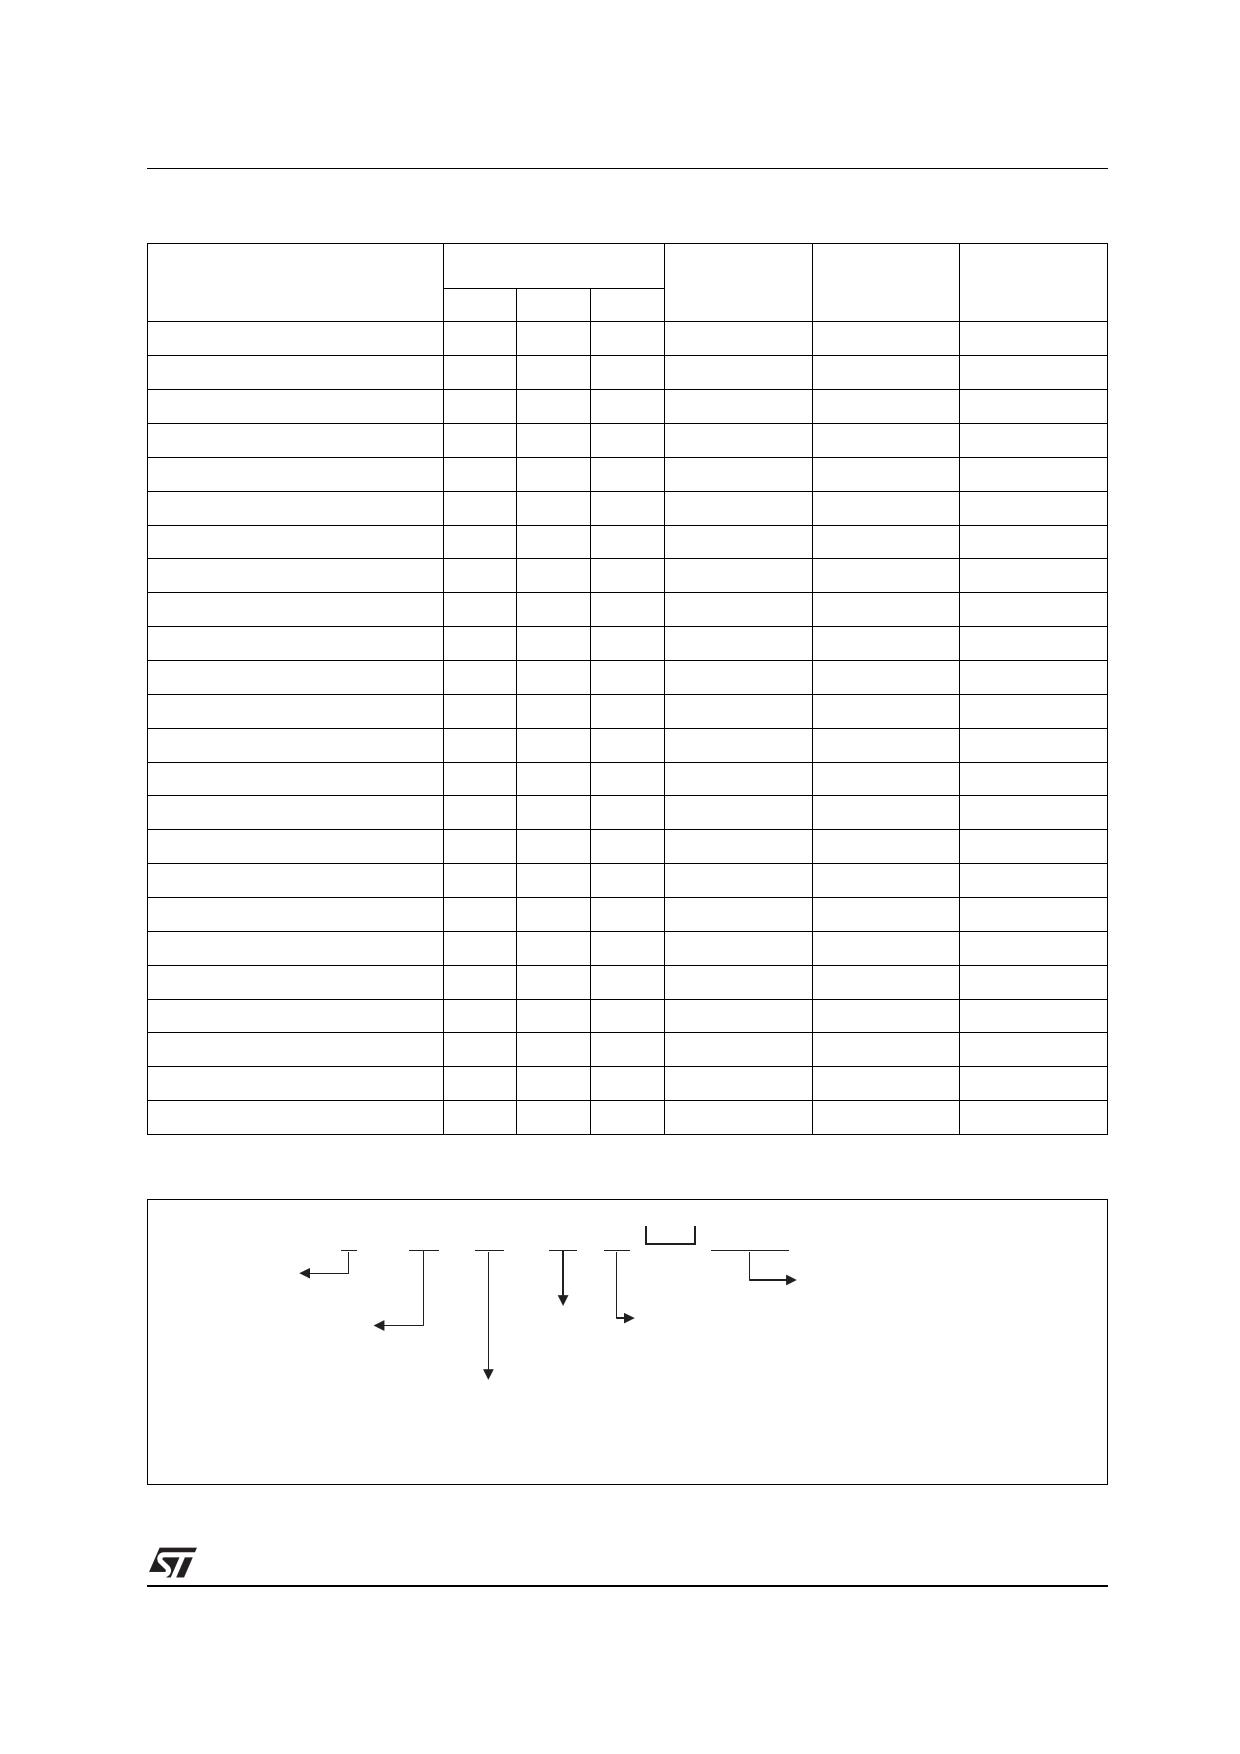 Z0109MN5AA4 pdf, ピン配列